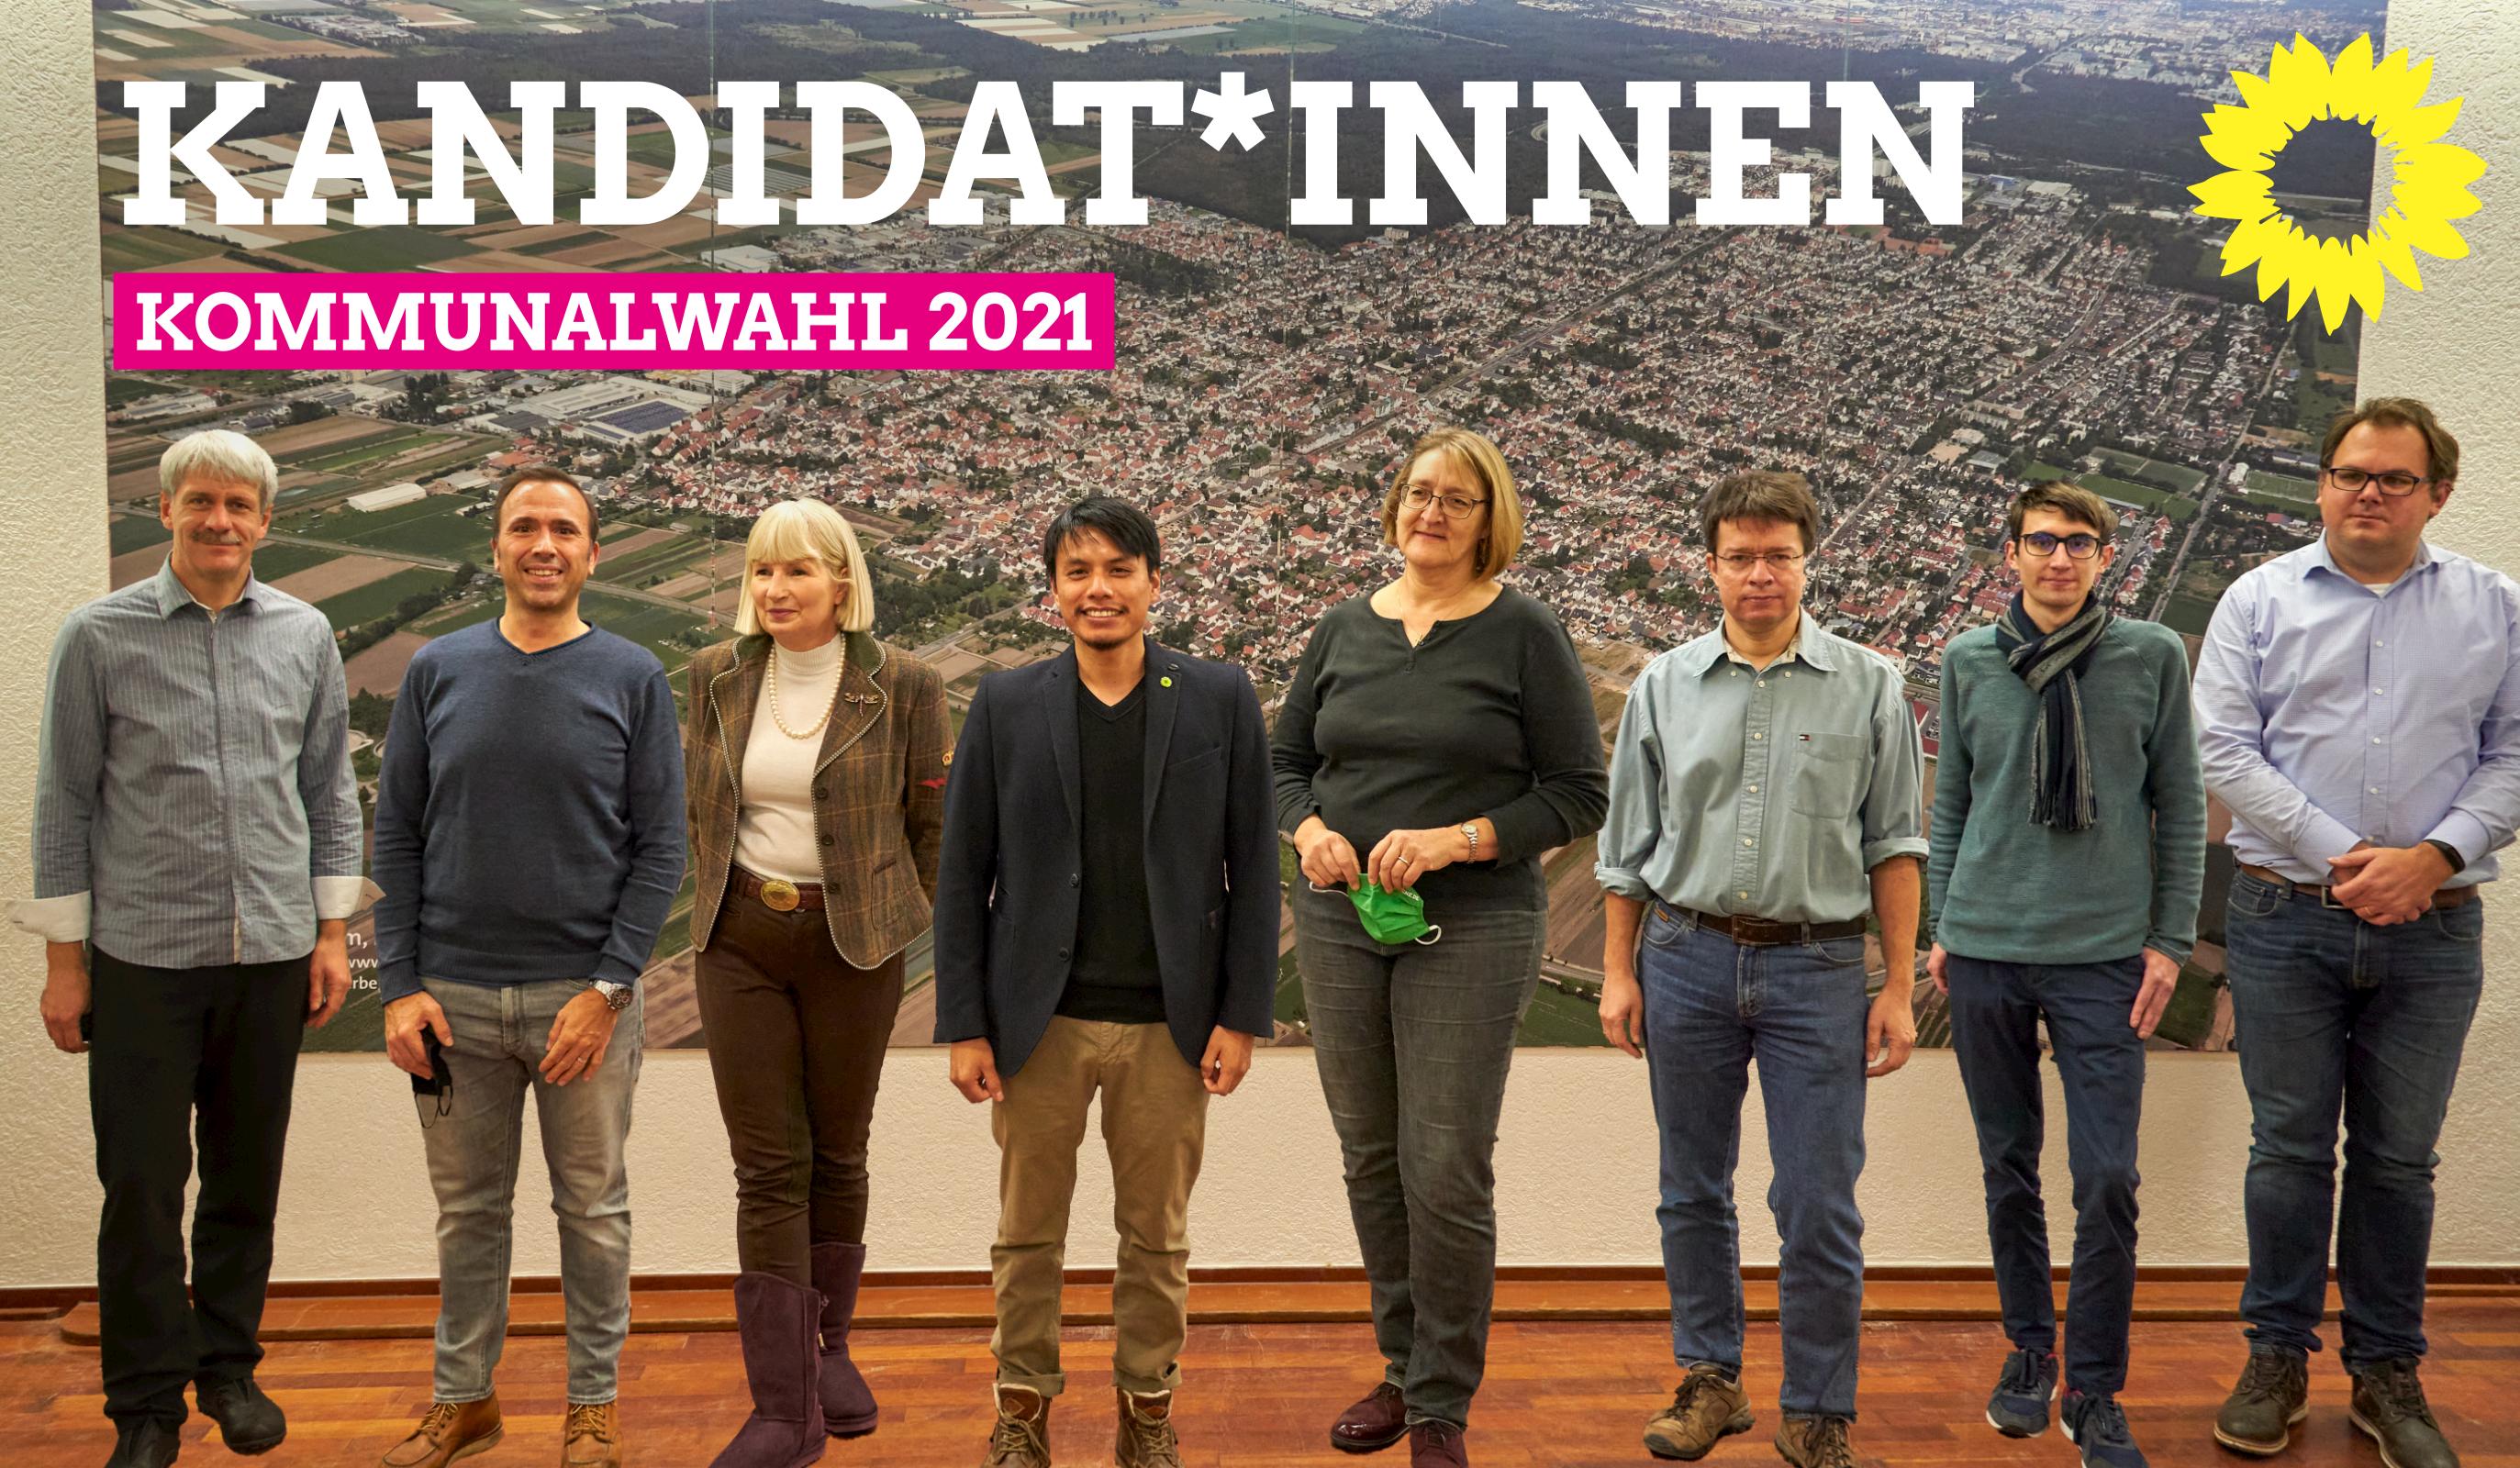 Kandidat*innen Kommunalwahl 2021